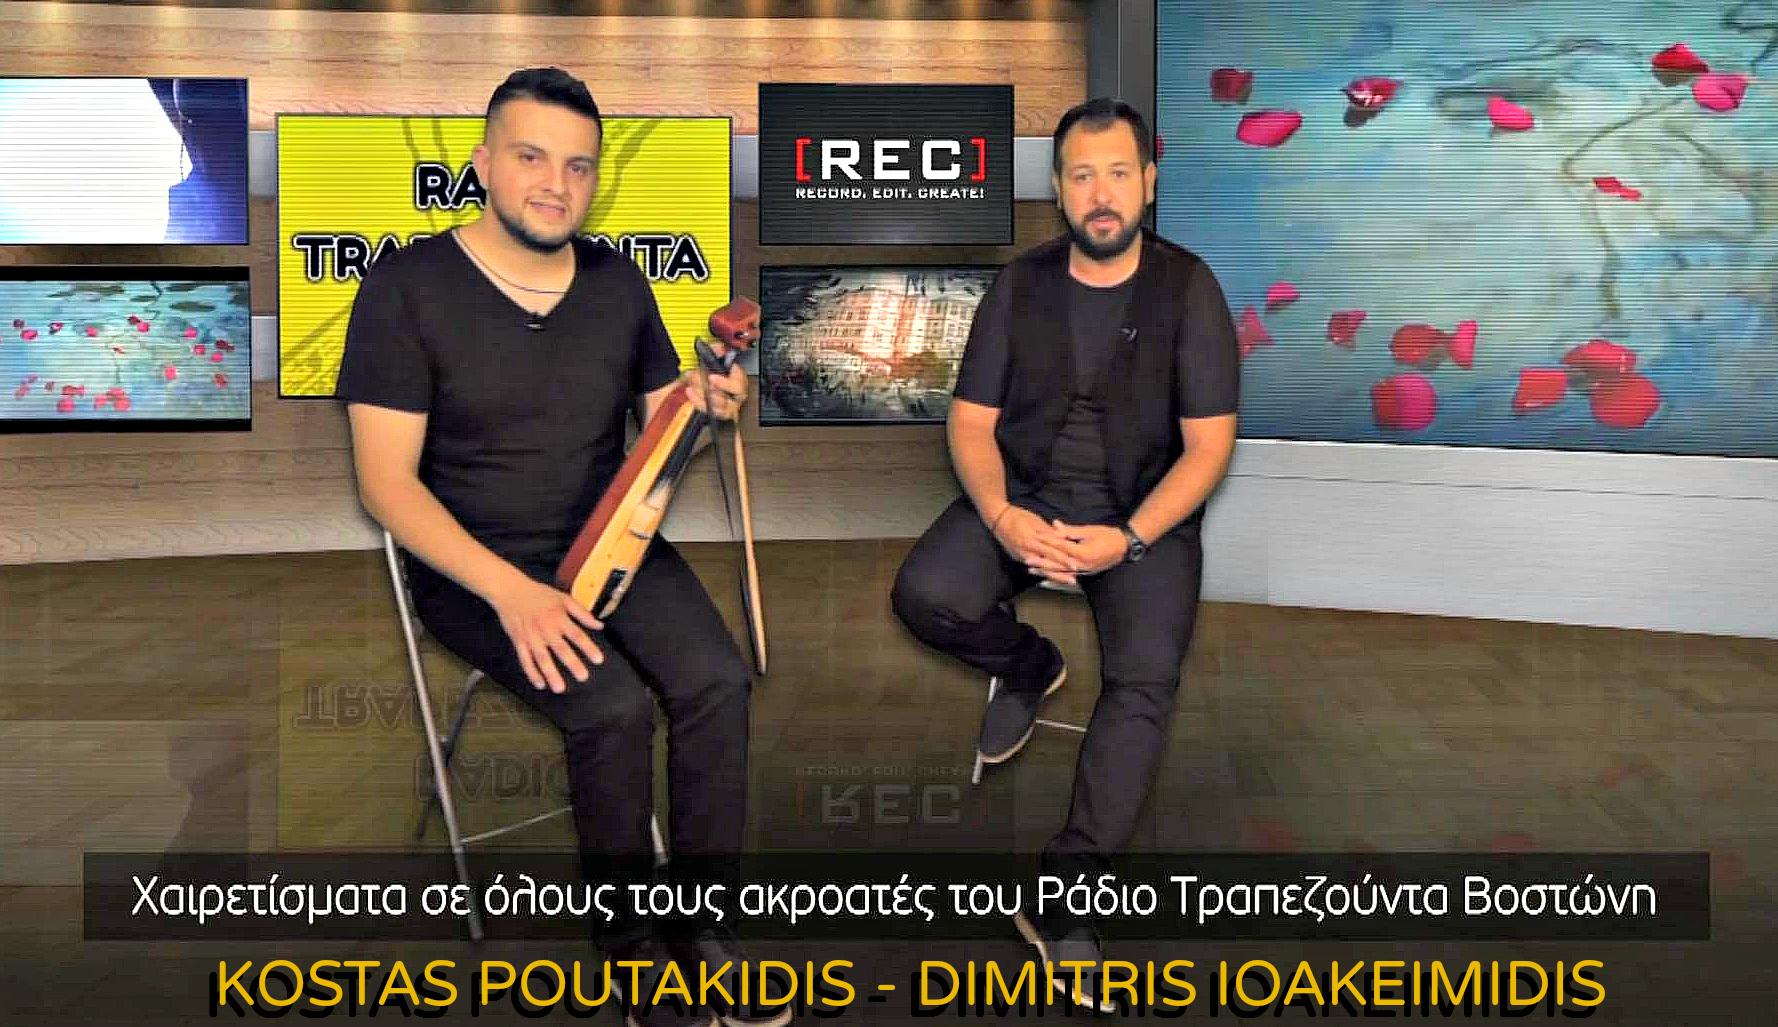 ΚΩΣΤΑΣ ΠΟΥΤΑΚΙΔΗΣ & ΔΗΜΗΤΡΗΣ ΙΩΑΚΕΙΜΙΔΗΣ – KOSTAS POUTAKIDIS & DIMITRIS IOAKEIMIDIS